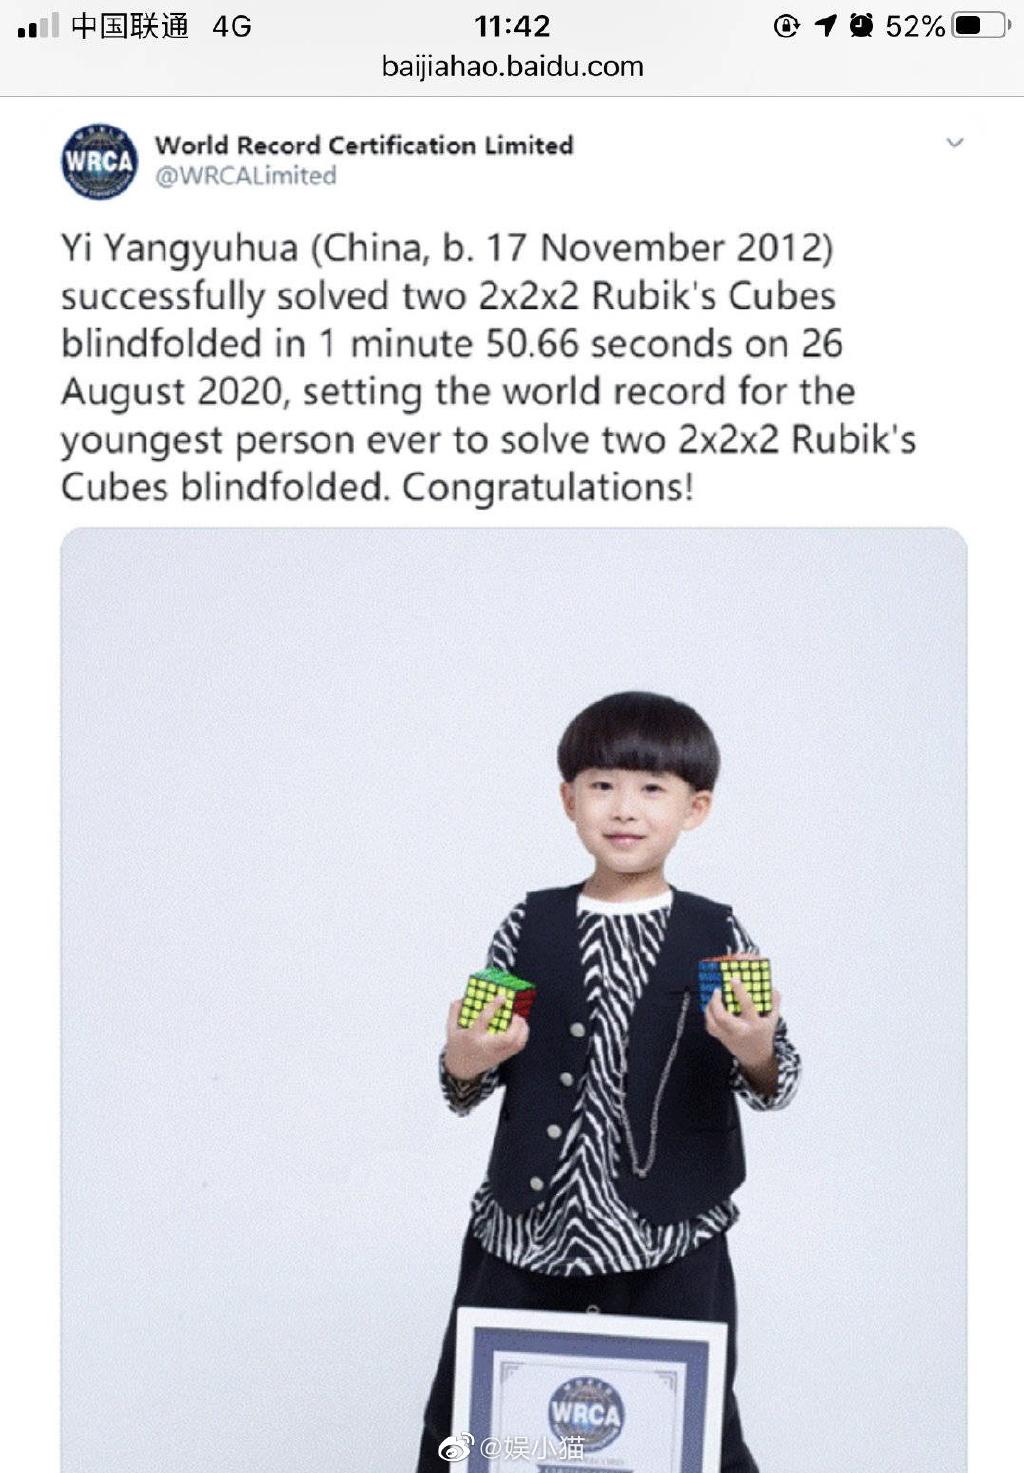 易烊千璽弟弟「破世界紀錄」!7歲成魔方達人 本名首度公開